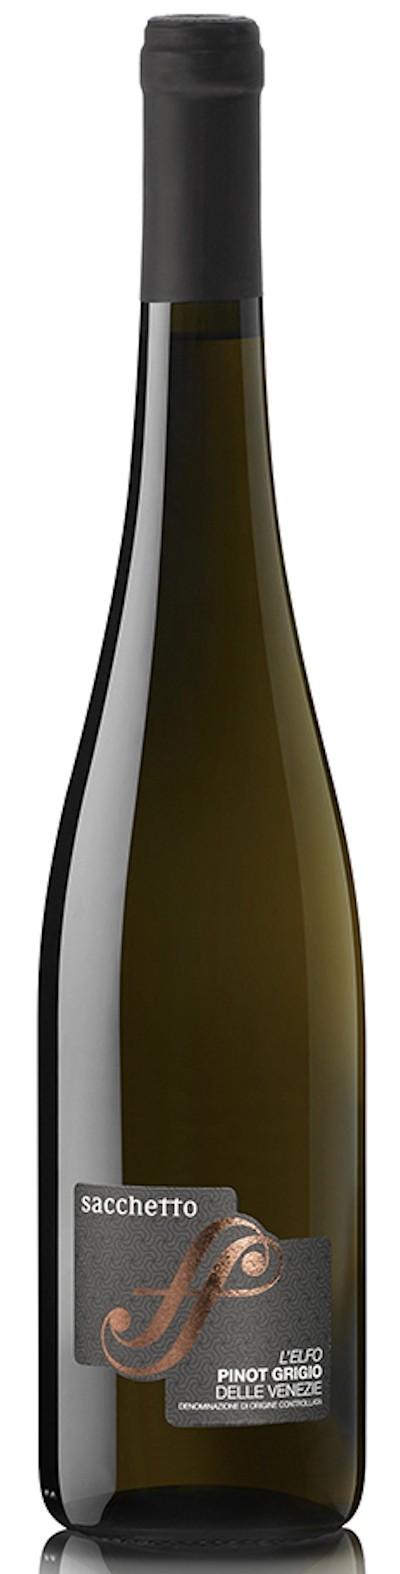 Sacchetto - Pinot Grigio delle Venezie DOC